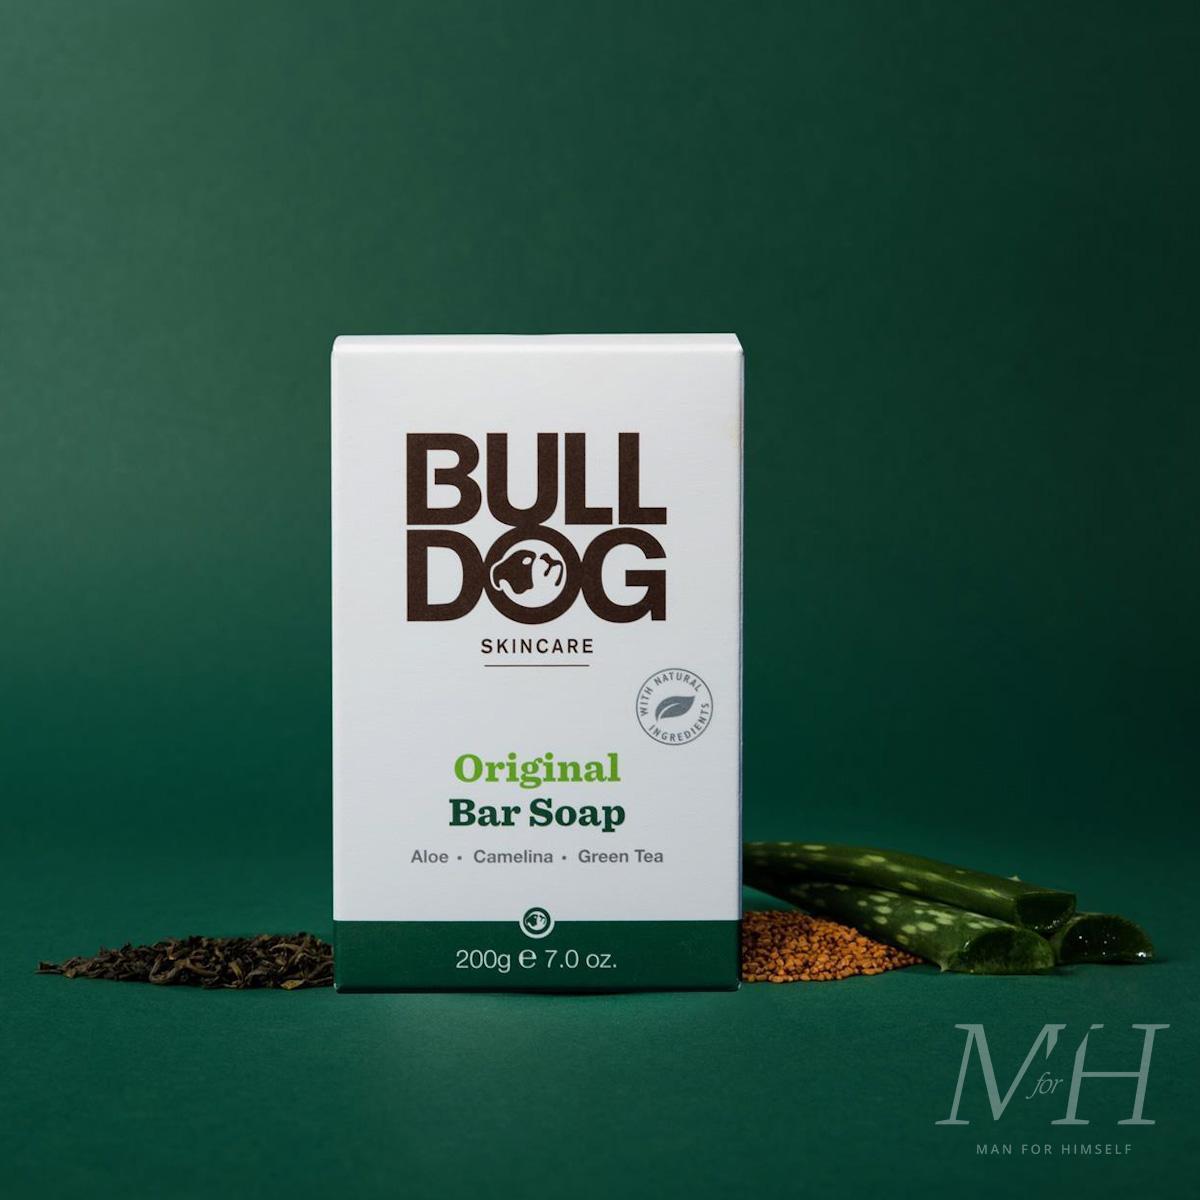 bulldog-skincare-bar-soap-original-payday-pickups-man-for-himself